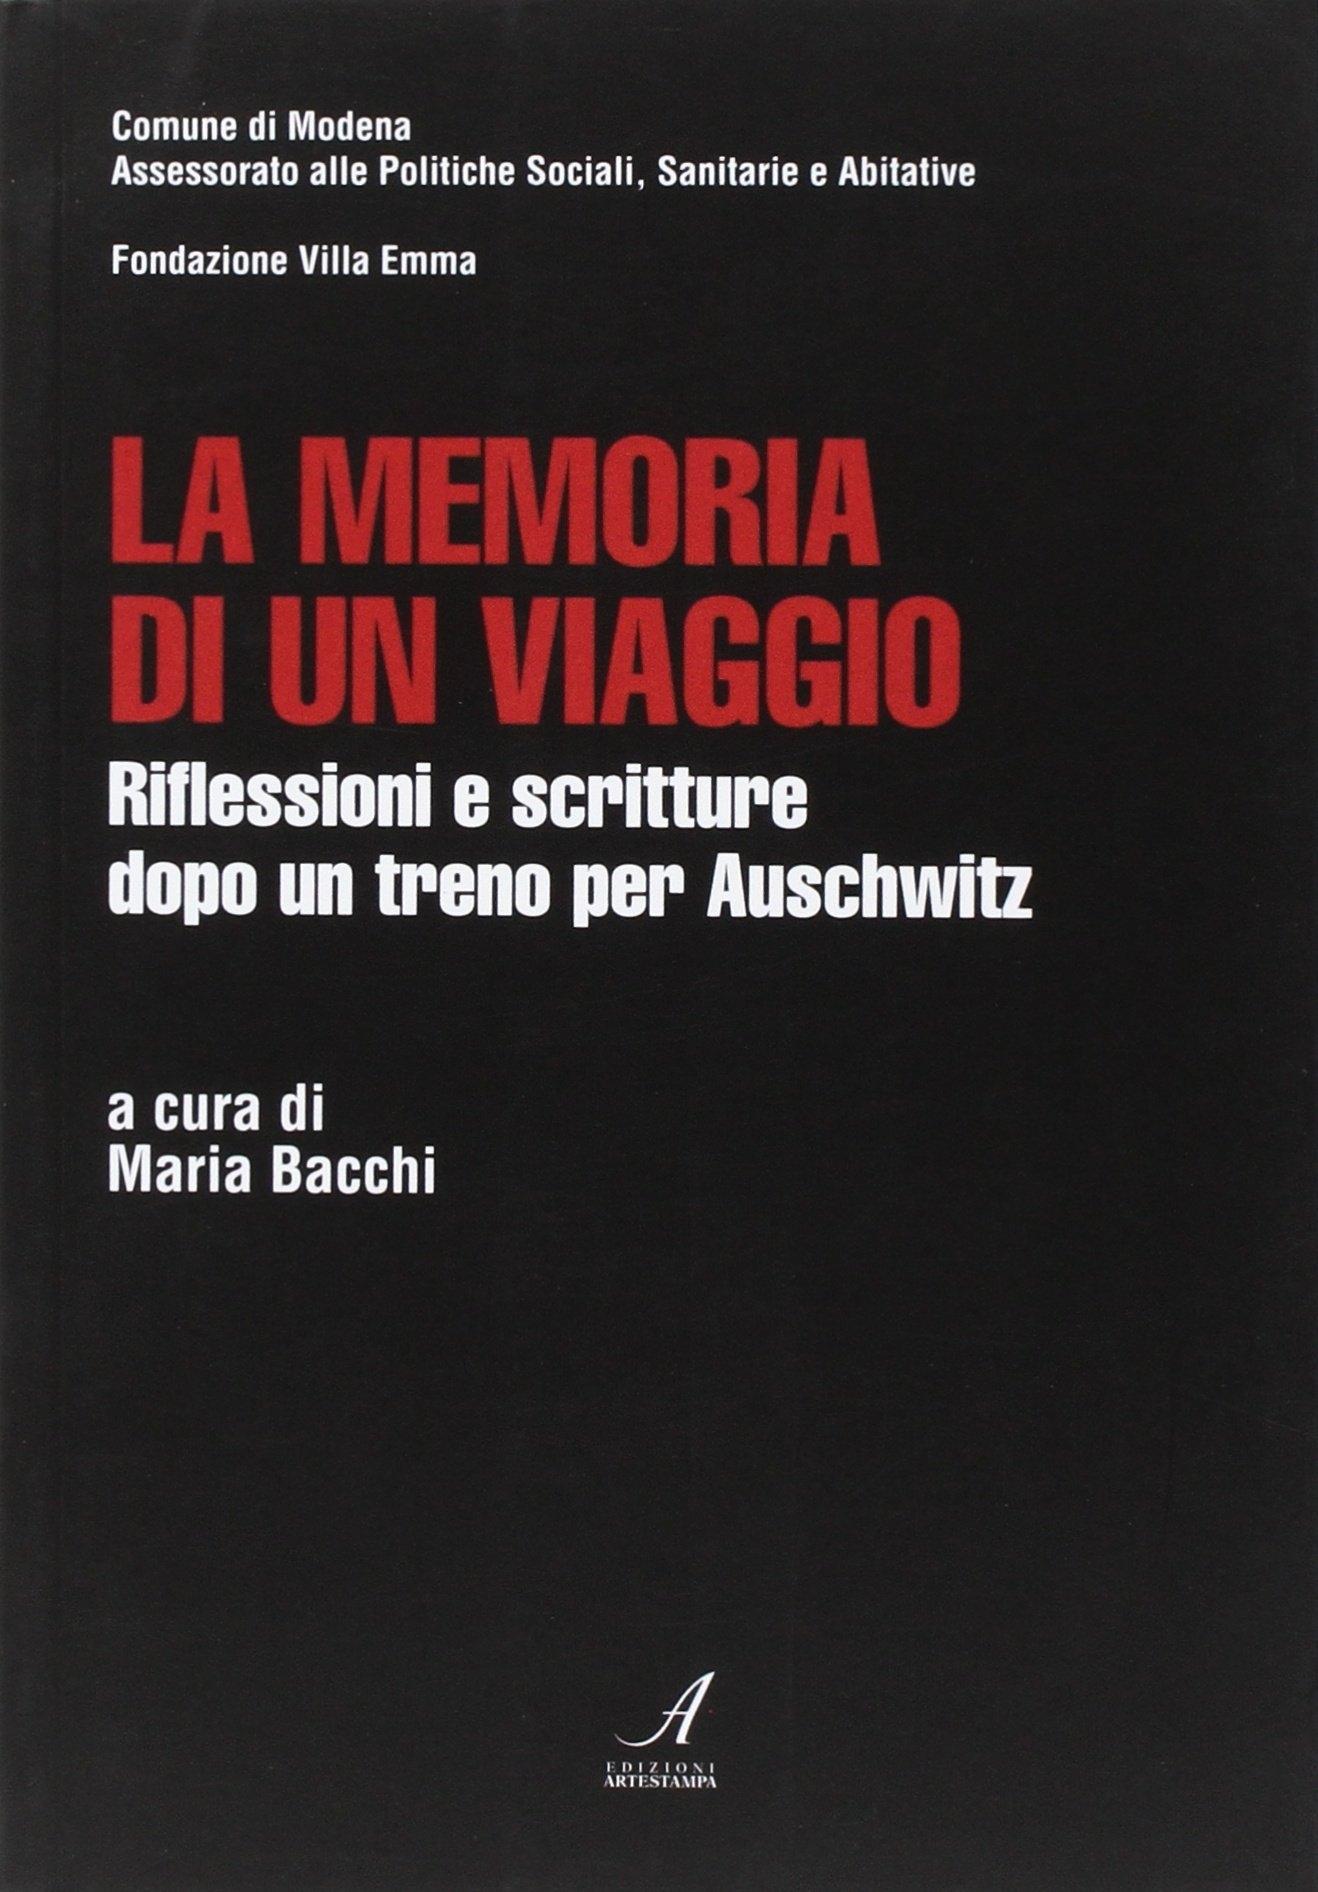 La memoria di un viaggio. Riflessioni e scritture dopo un treno per Auschwitz.